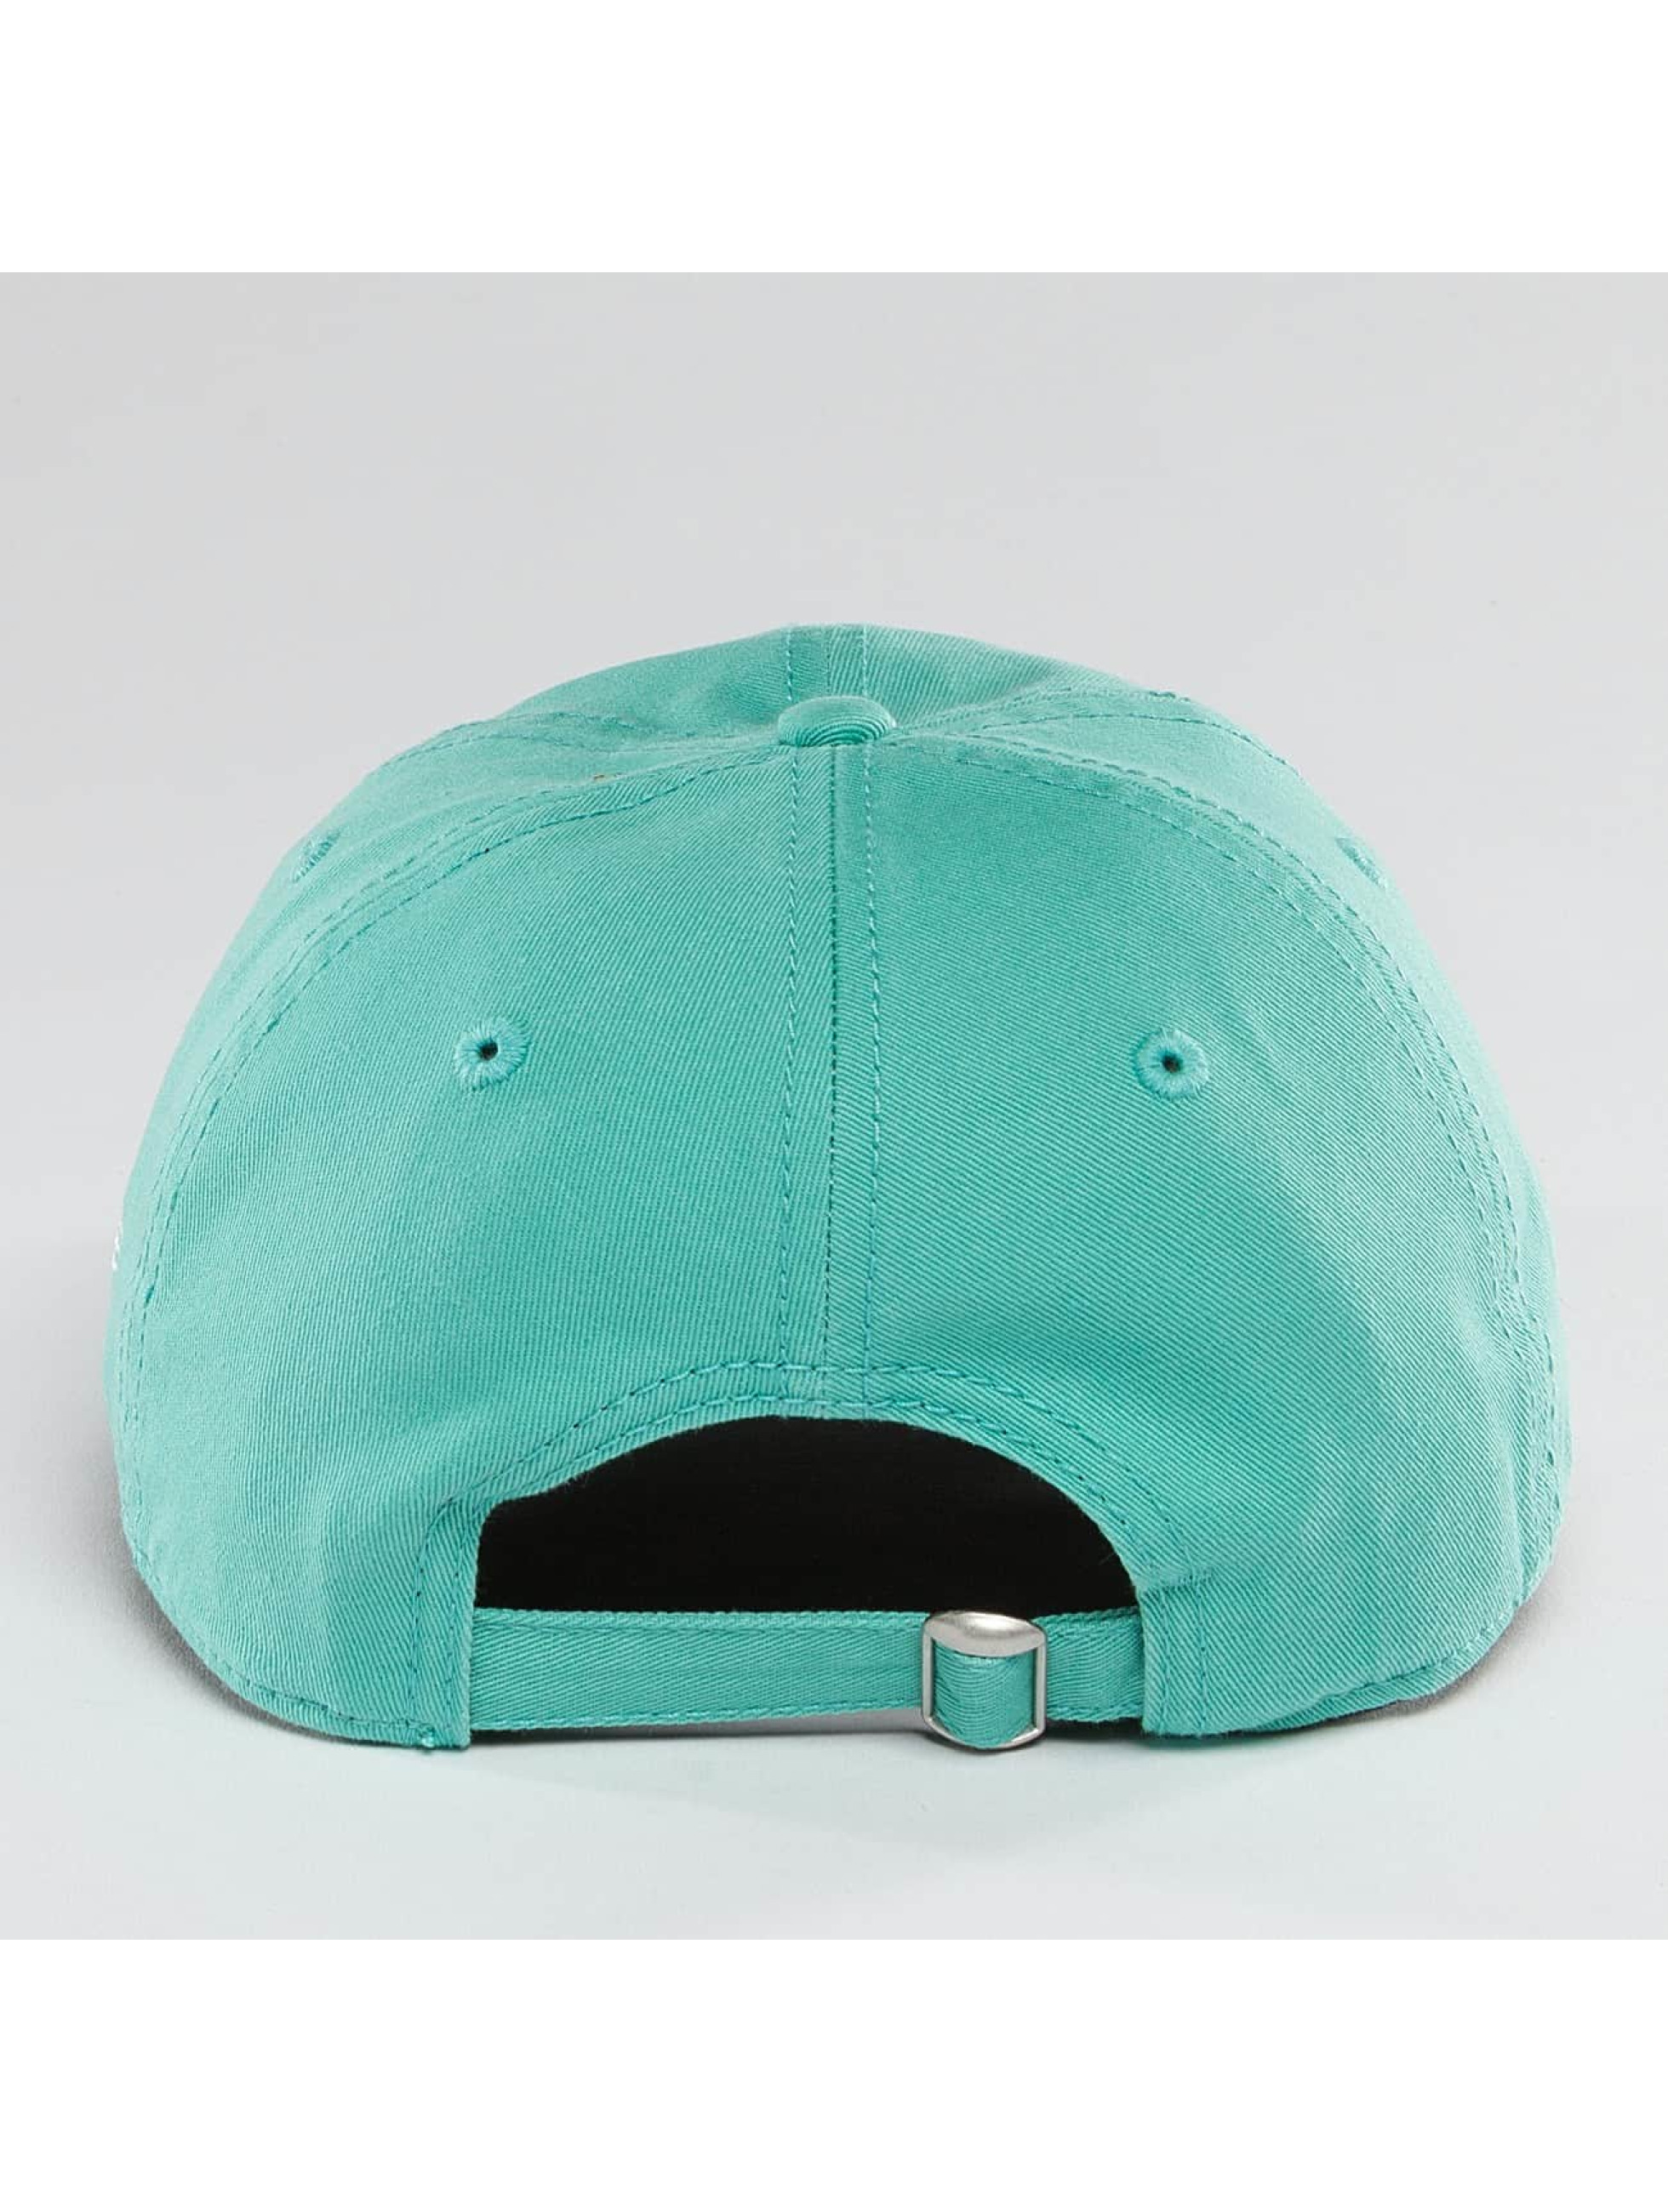 New Era snapback cap Pastel Micro LA Dodgers 9Twenty turquois